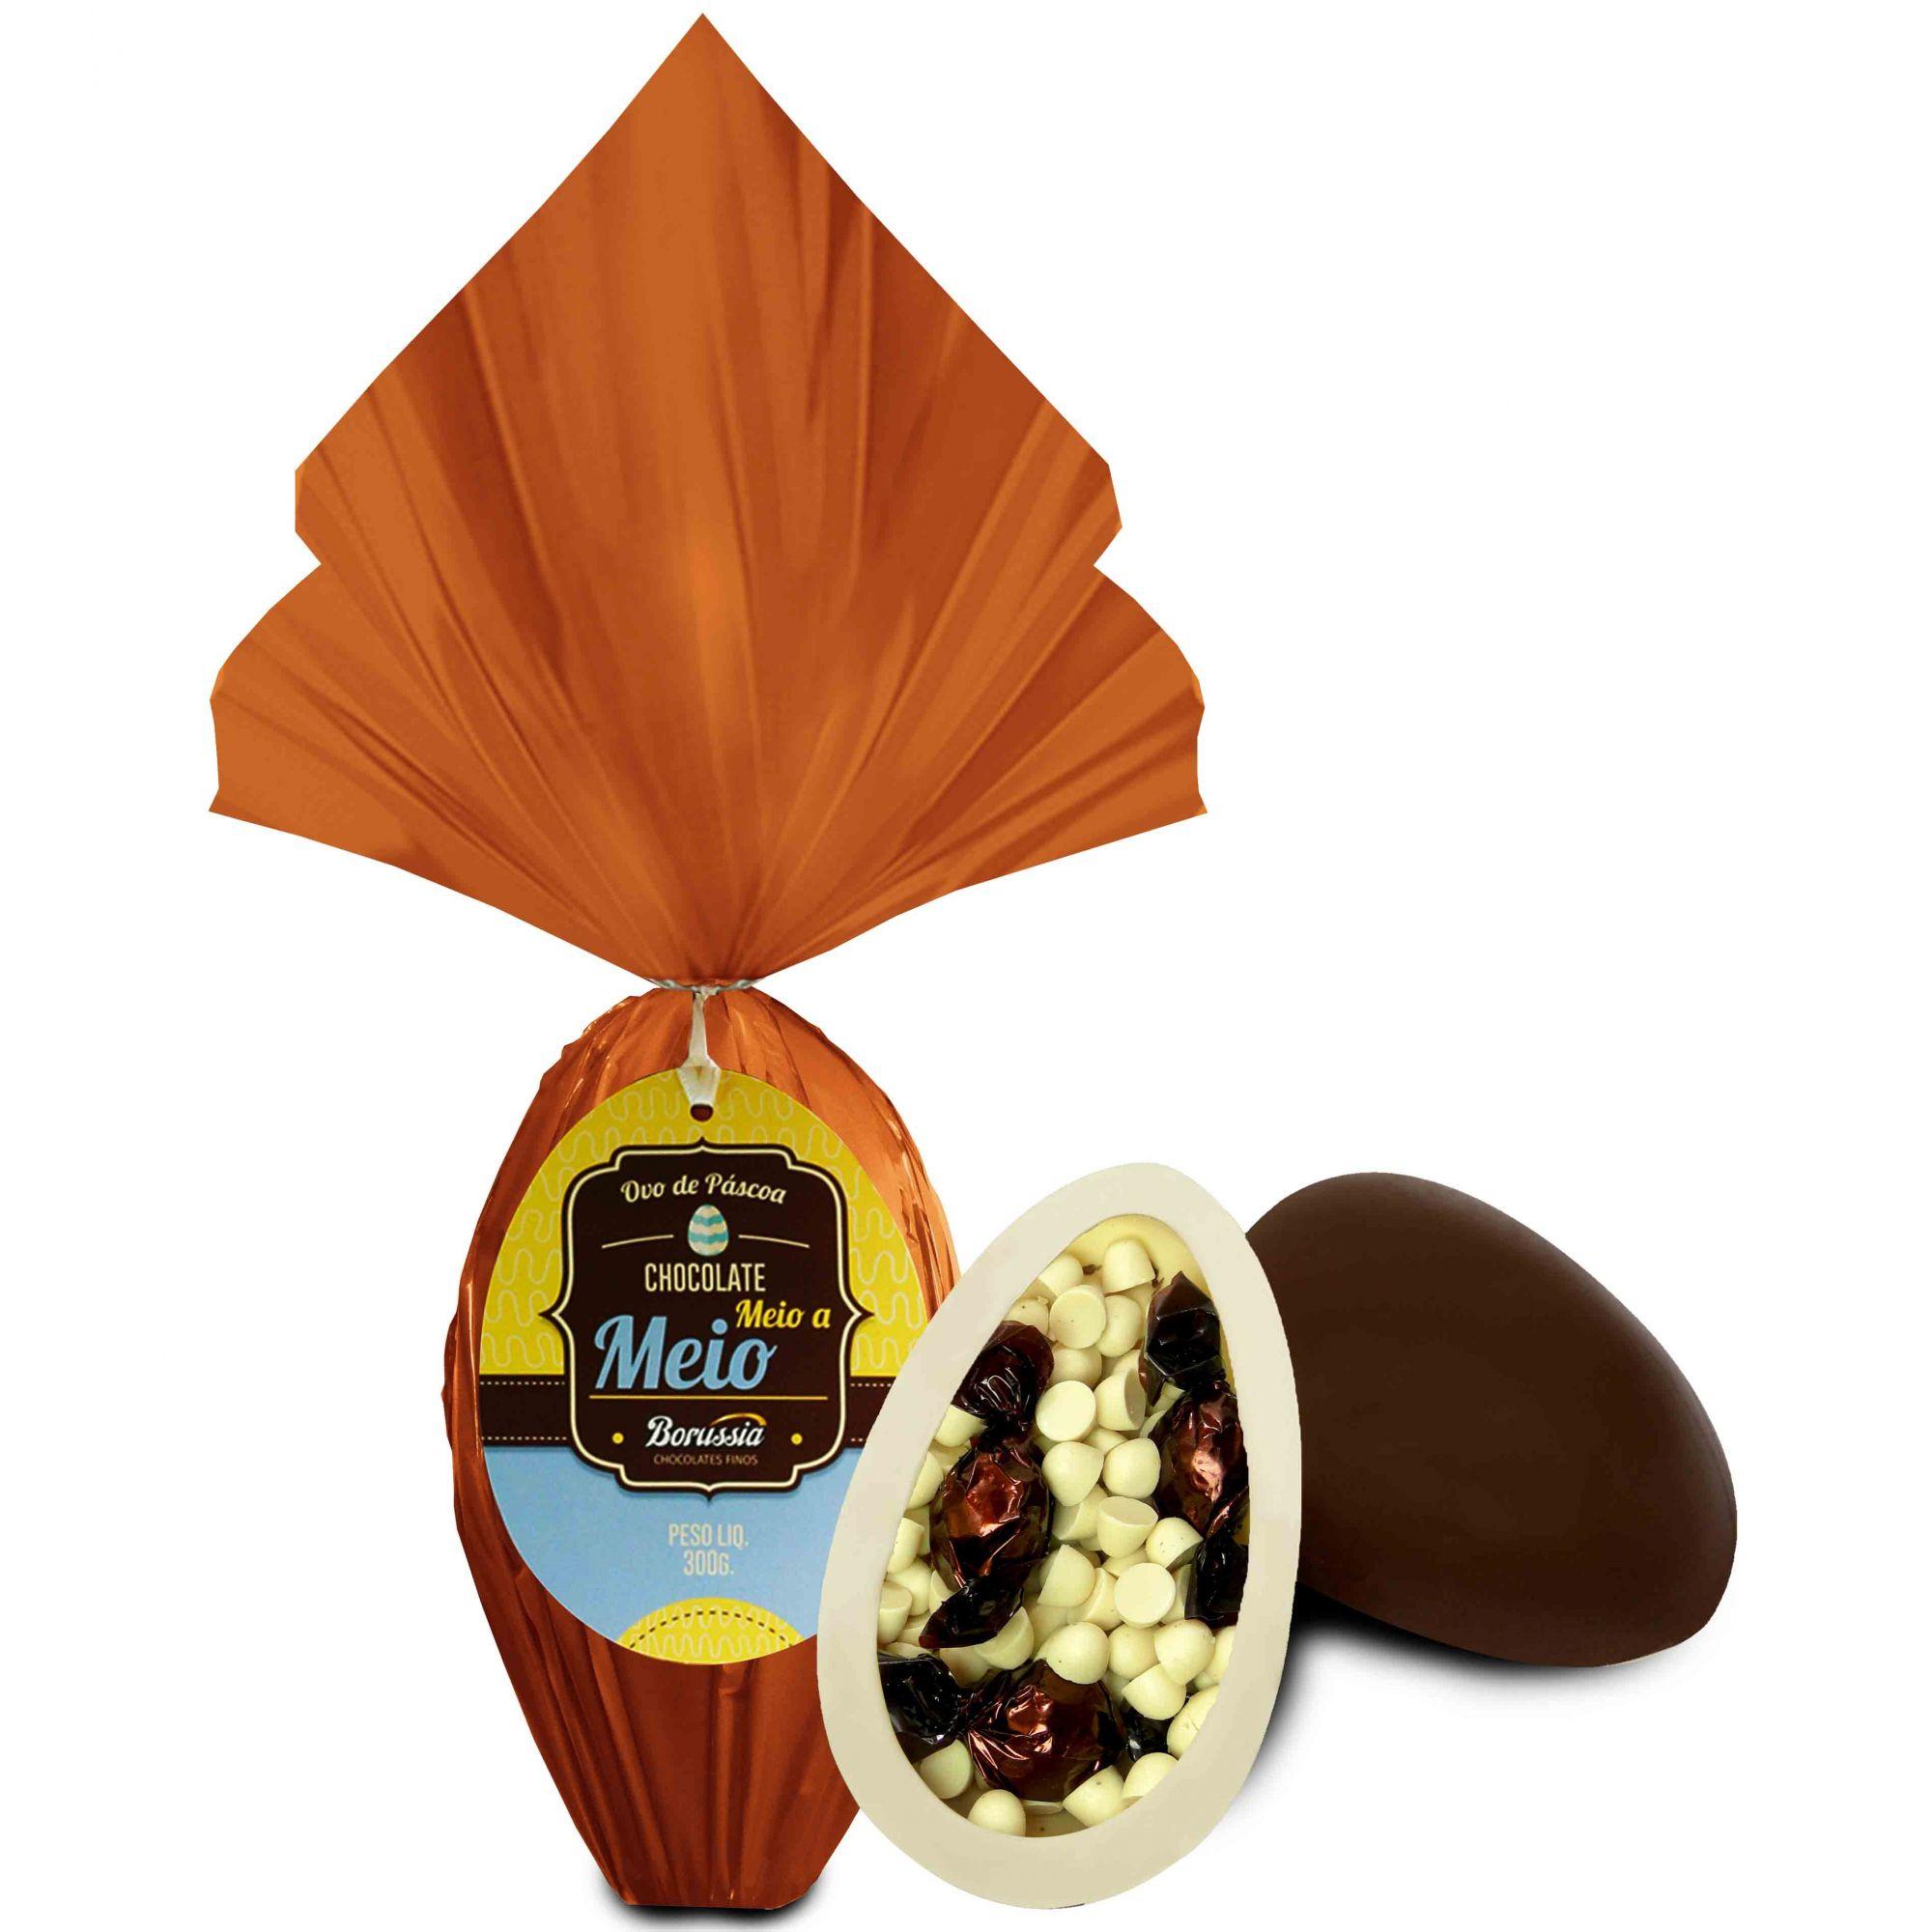 Ovo de Páscoa Chocolate Meio a Meio 300gr Unidade Borússia Chocolates